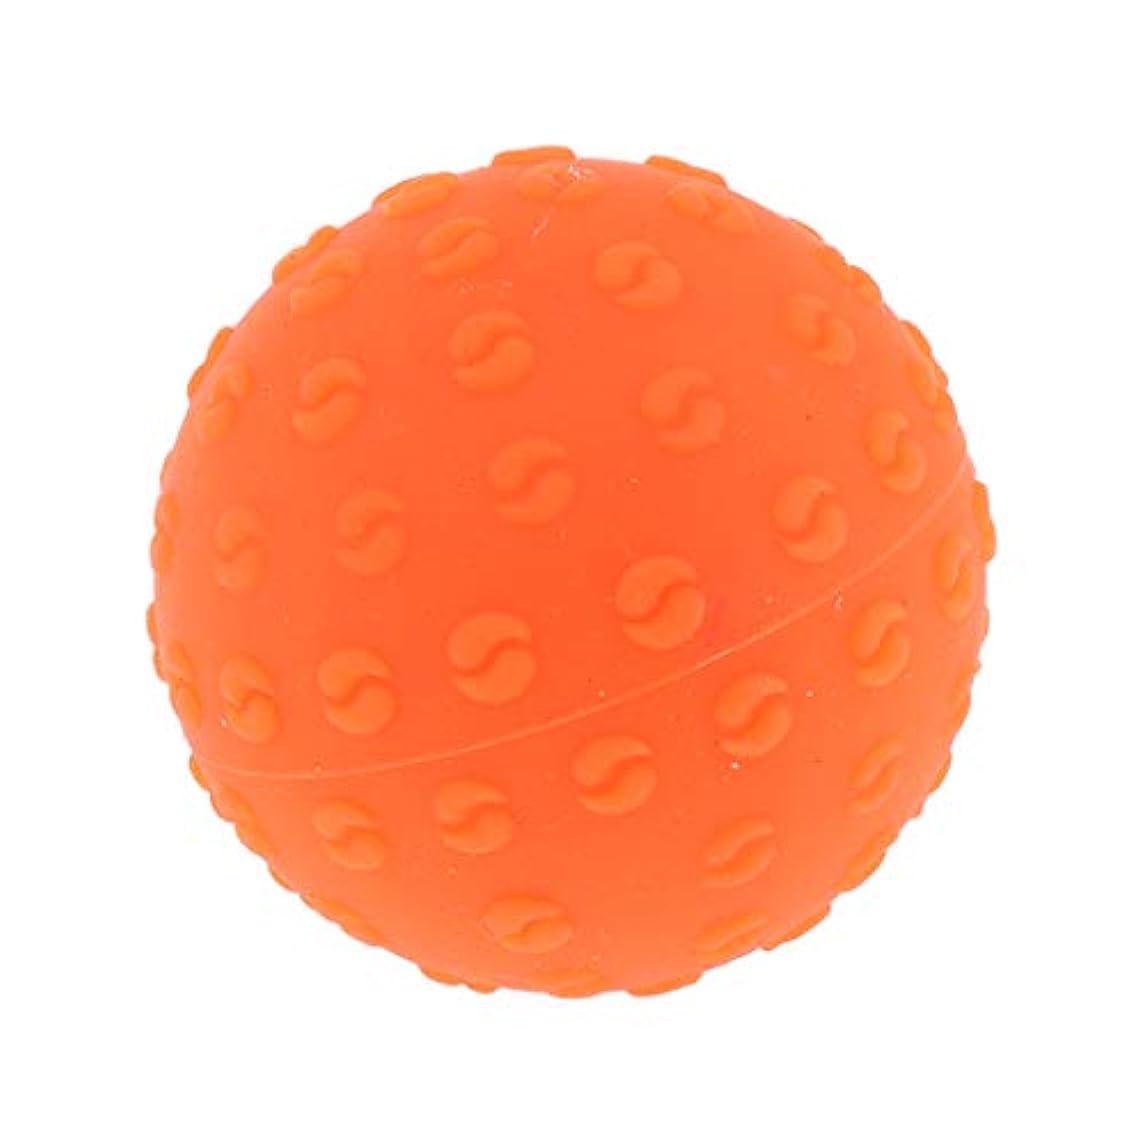 大佐殺人者マイルドPerfeclan 全6色 マッサージボール 指圧ボール シリコーン トリガーポイント 足底筋膜炎 ヨガ 耐油性 快適 - オレンジ, 説明のとおり